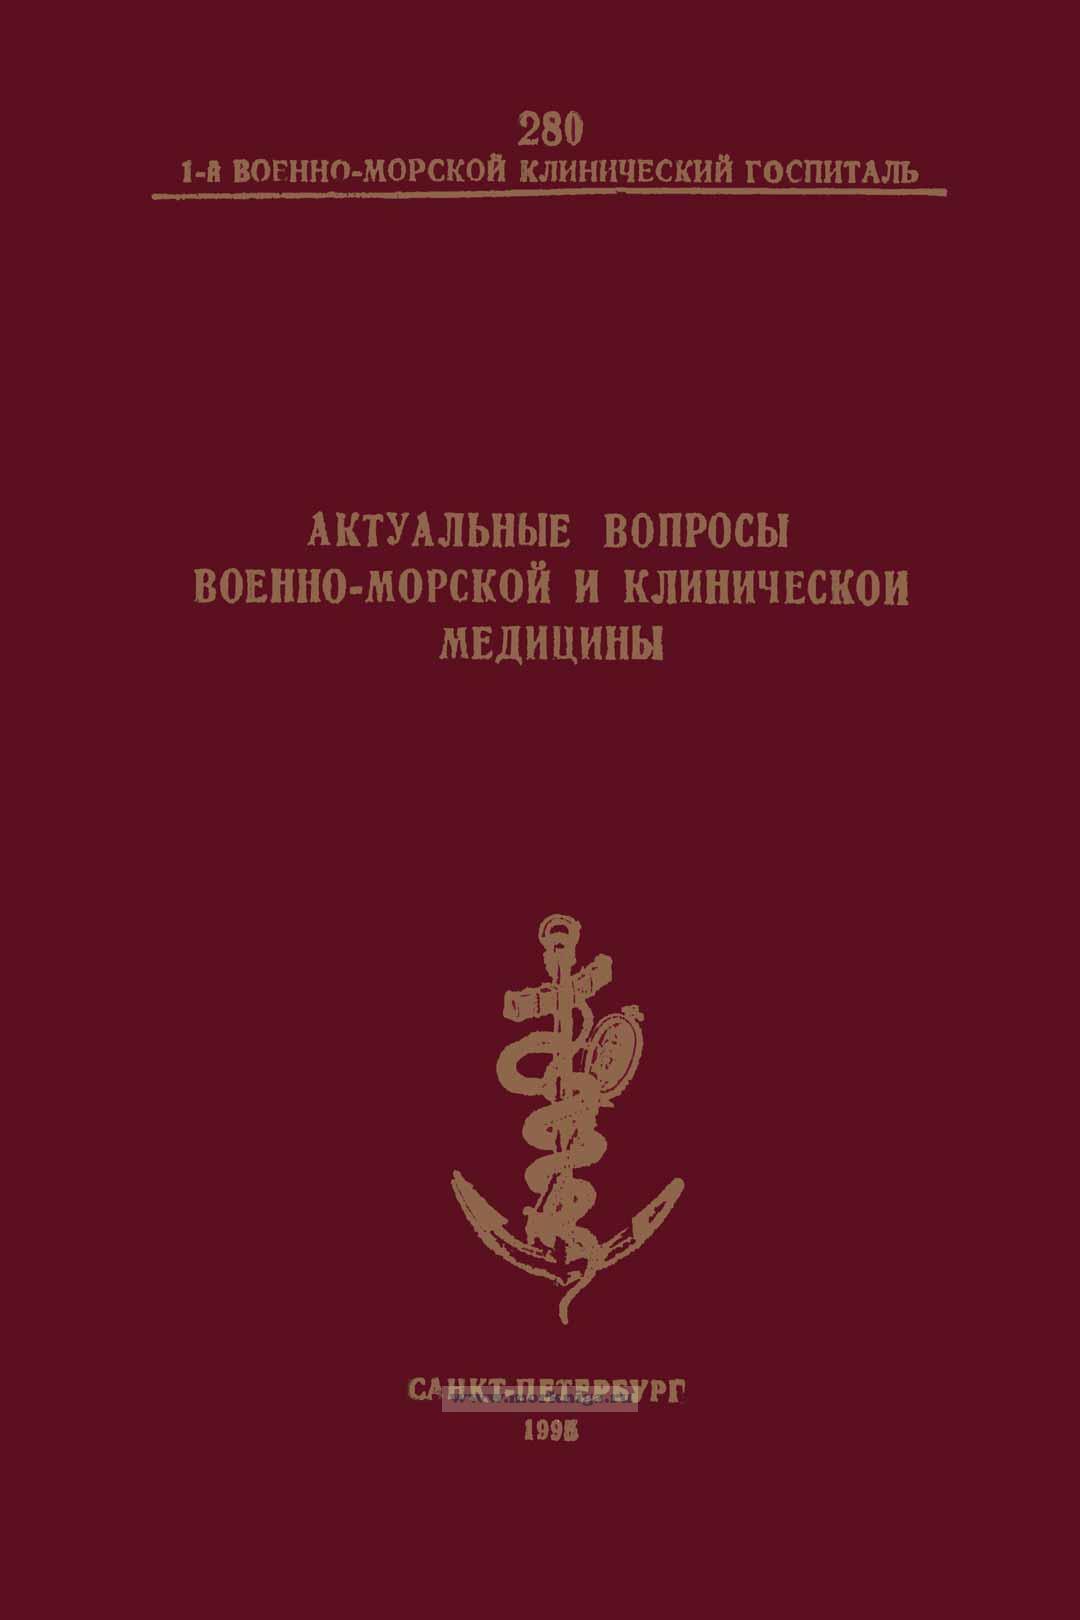 Актуальные вопросы военно-морской и клинической медицины